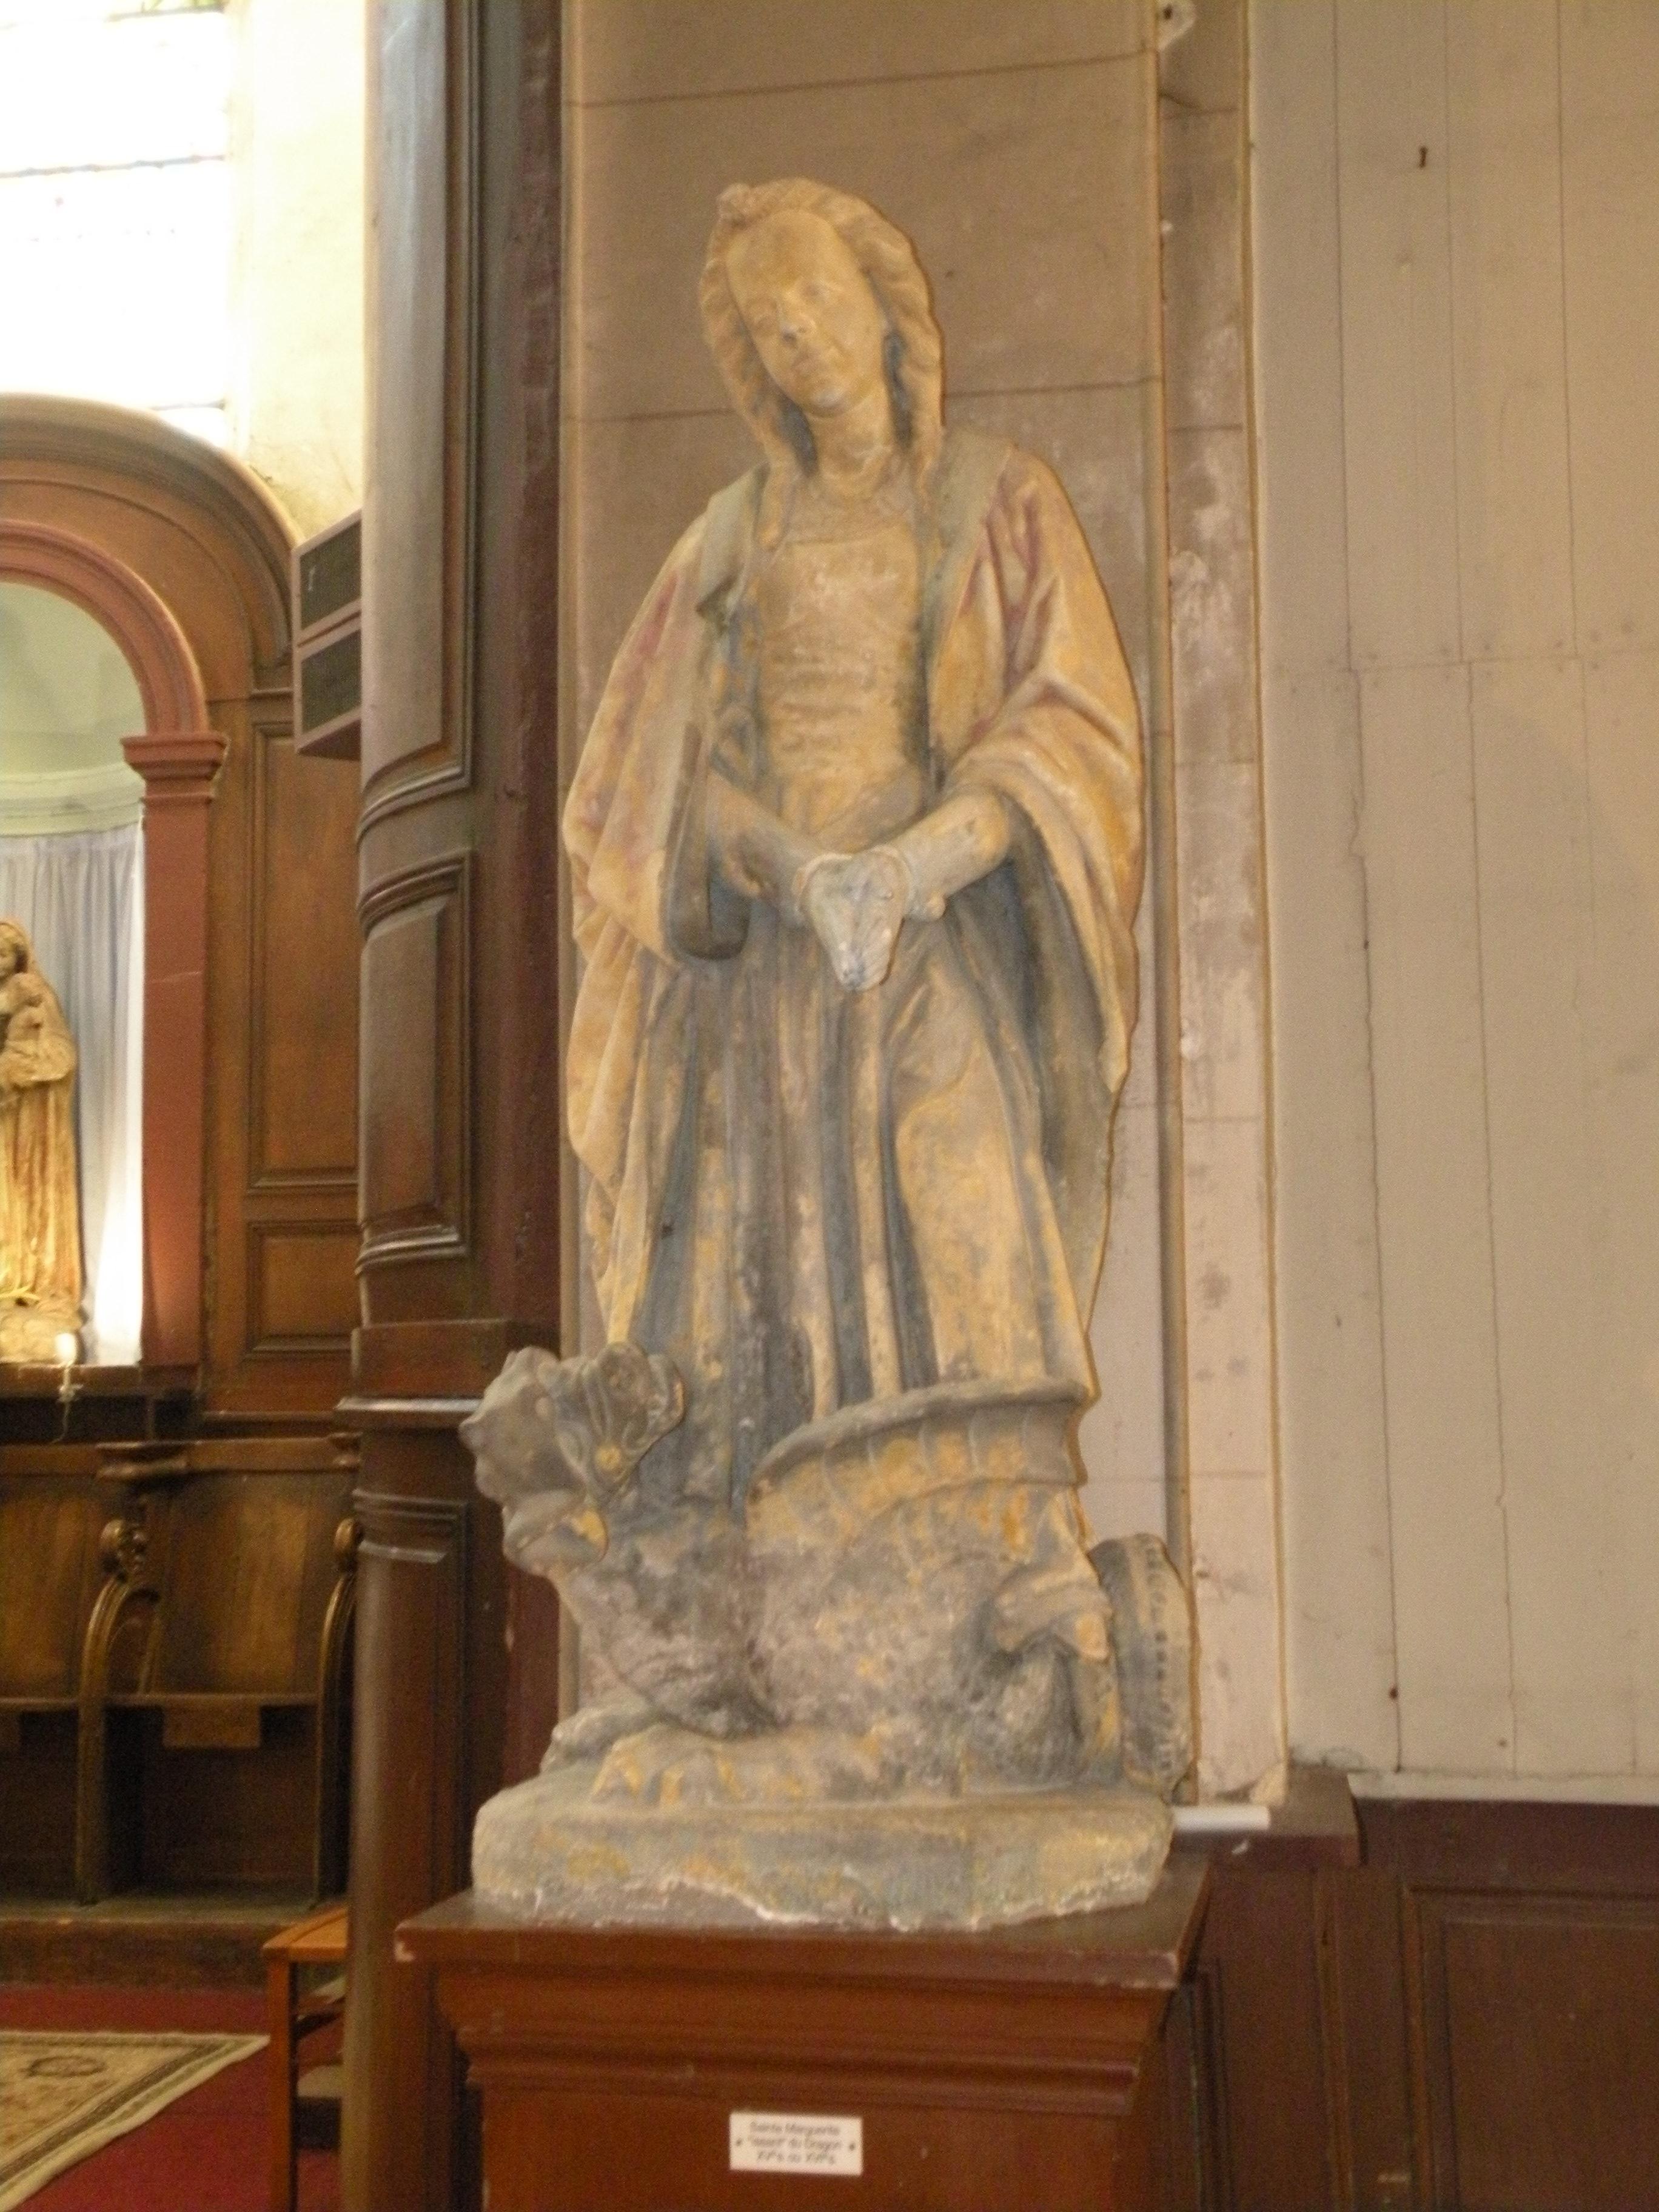 fileglise saint lucien de mru st marguerite 2jpg aglise saint lucien de